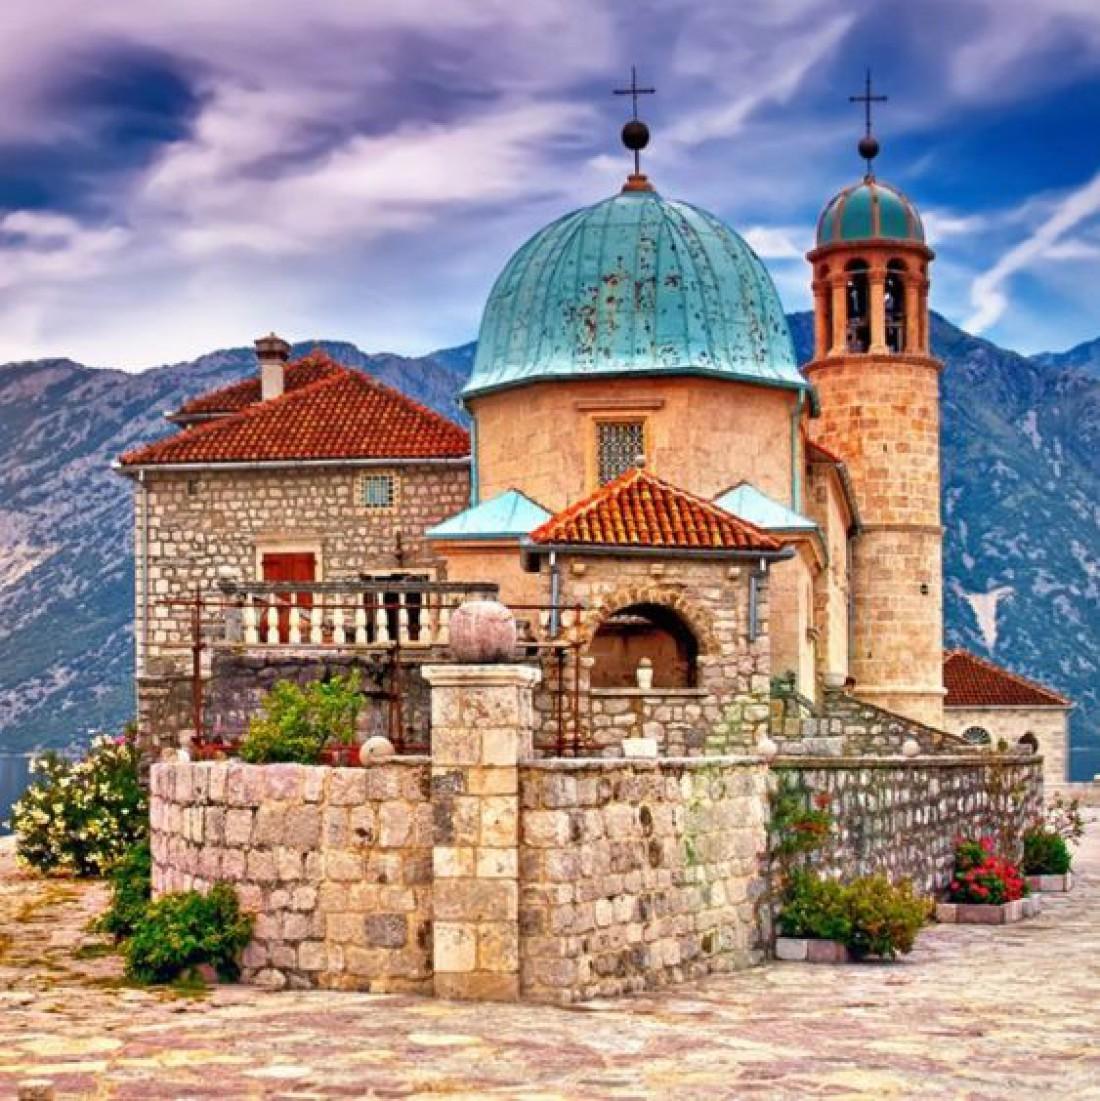 Церковь Божией матери на рукотворном острове Госпа-од-Шкрпьела